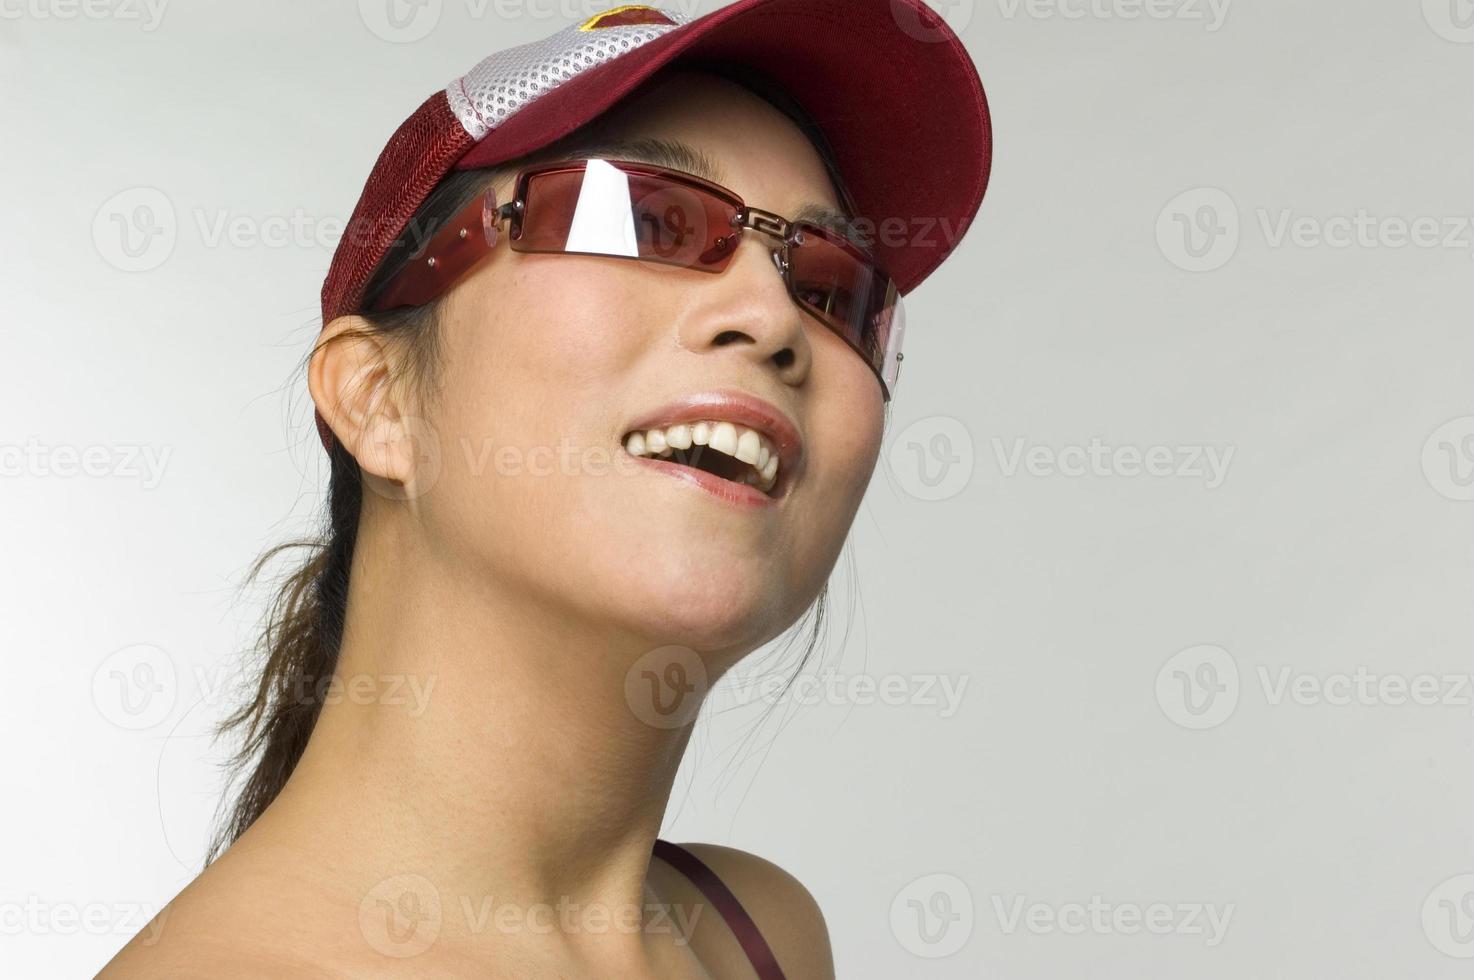 meisje lachend foto